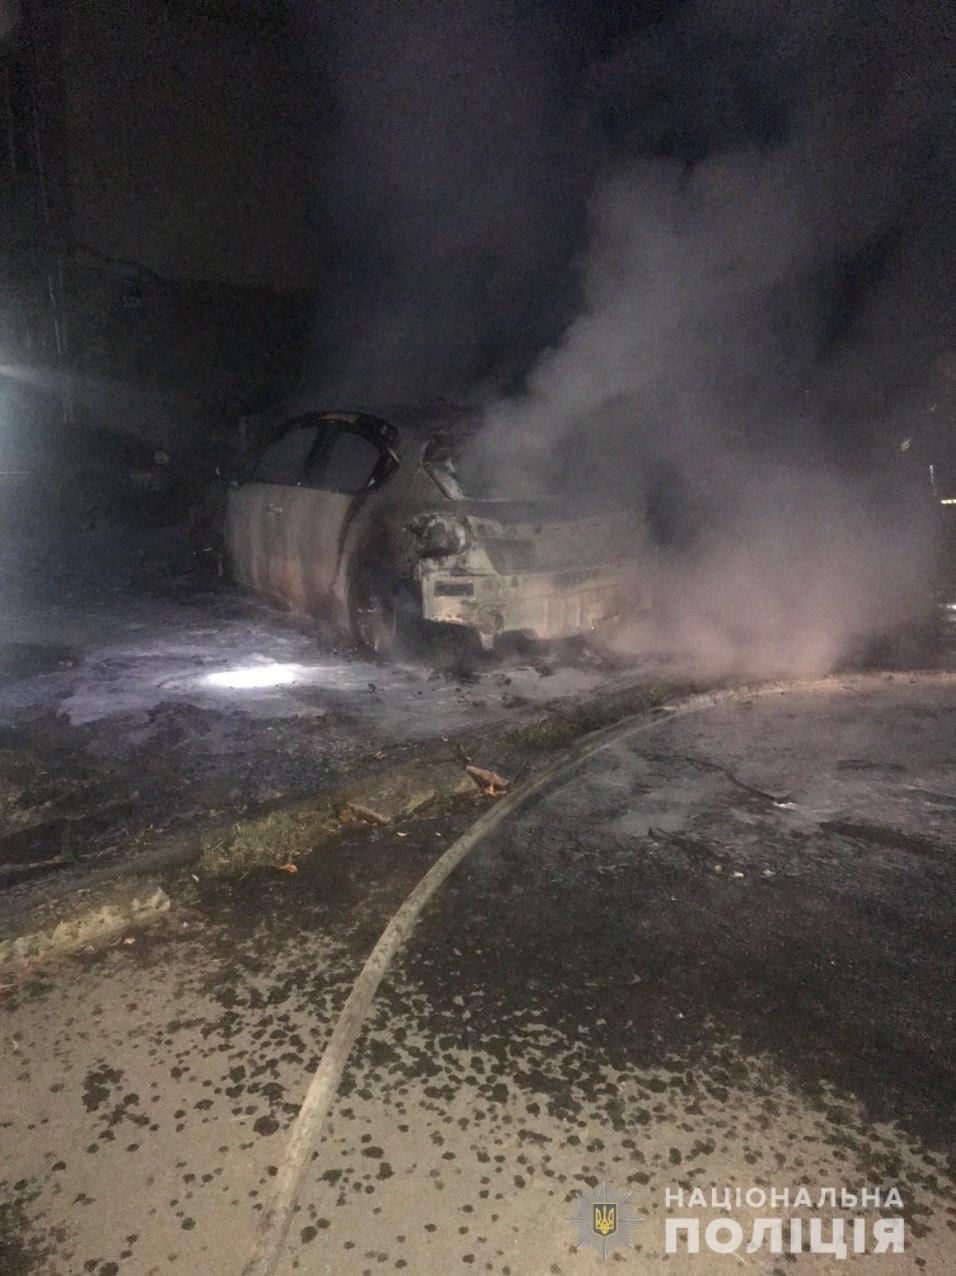 В Харькове неизвестные подожгли легковой автомобиль, припаркованный во дворе дома, - ФОТО, фото-1